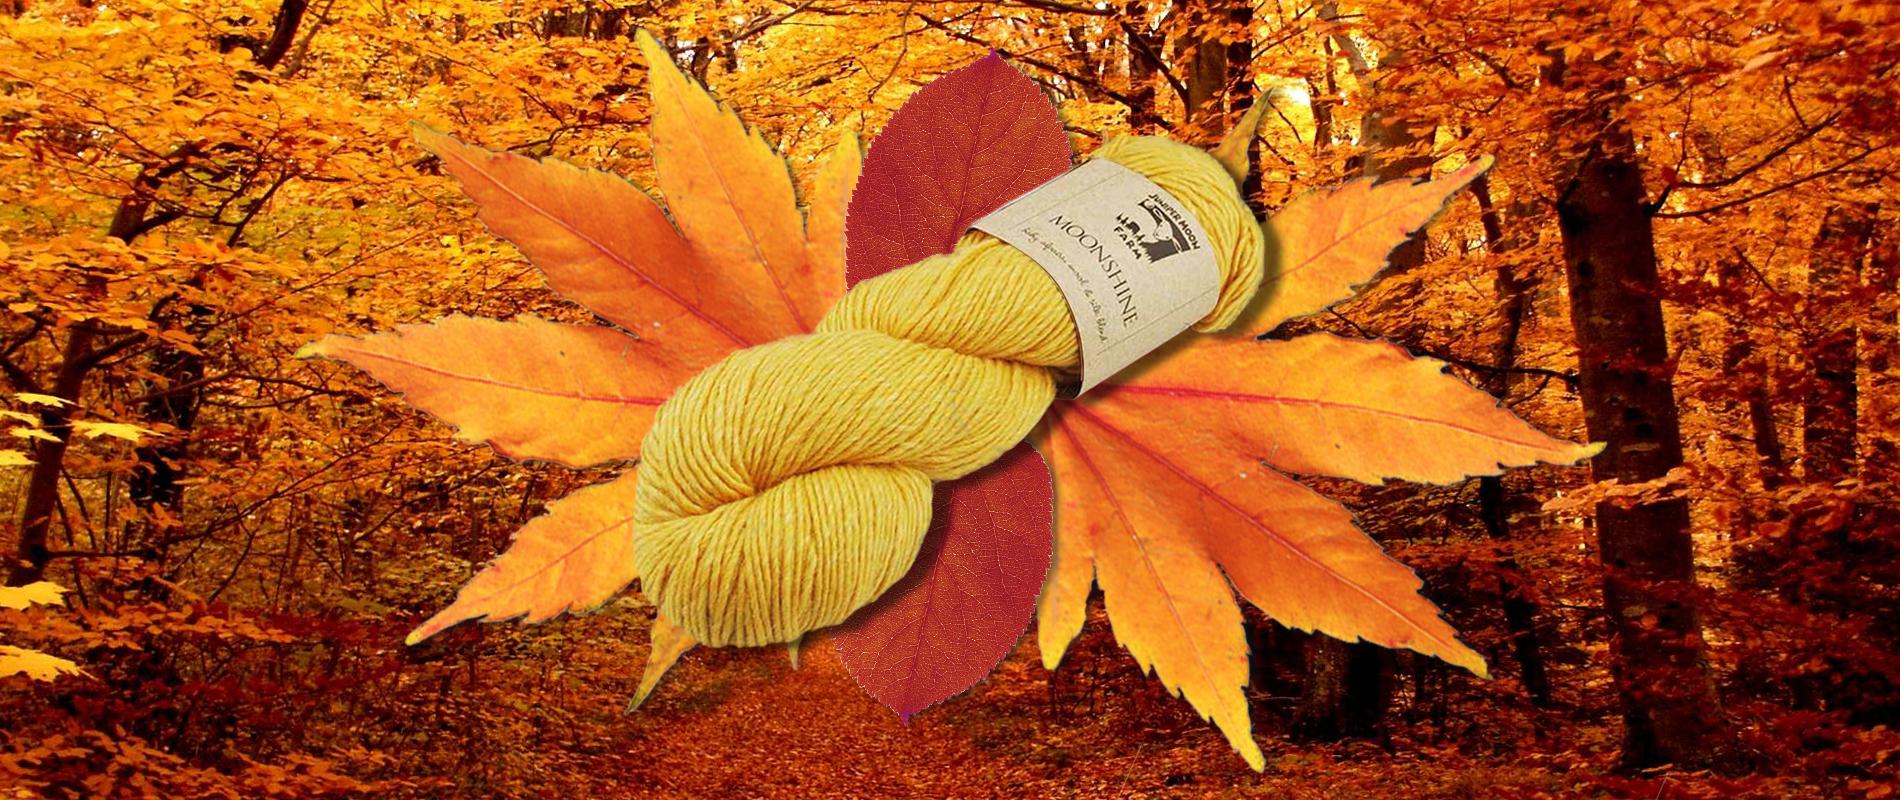 Wolle Herbst Slider